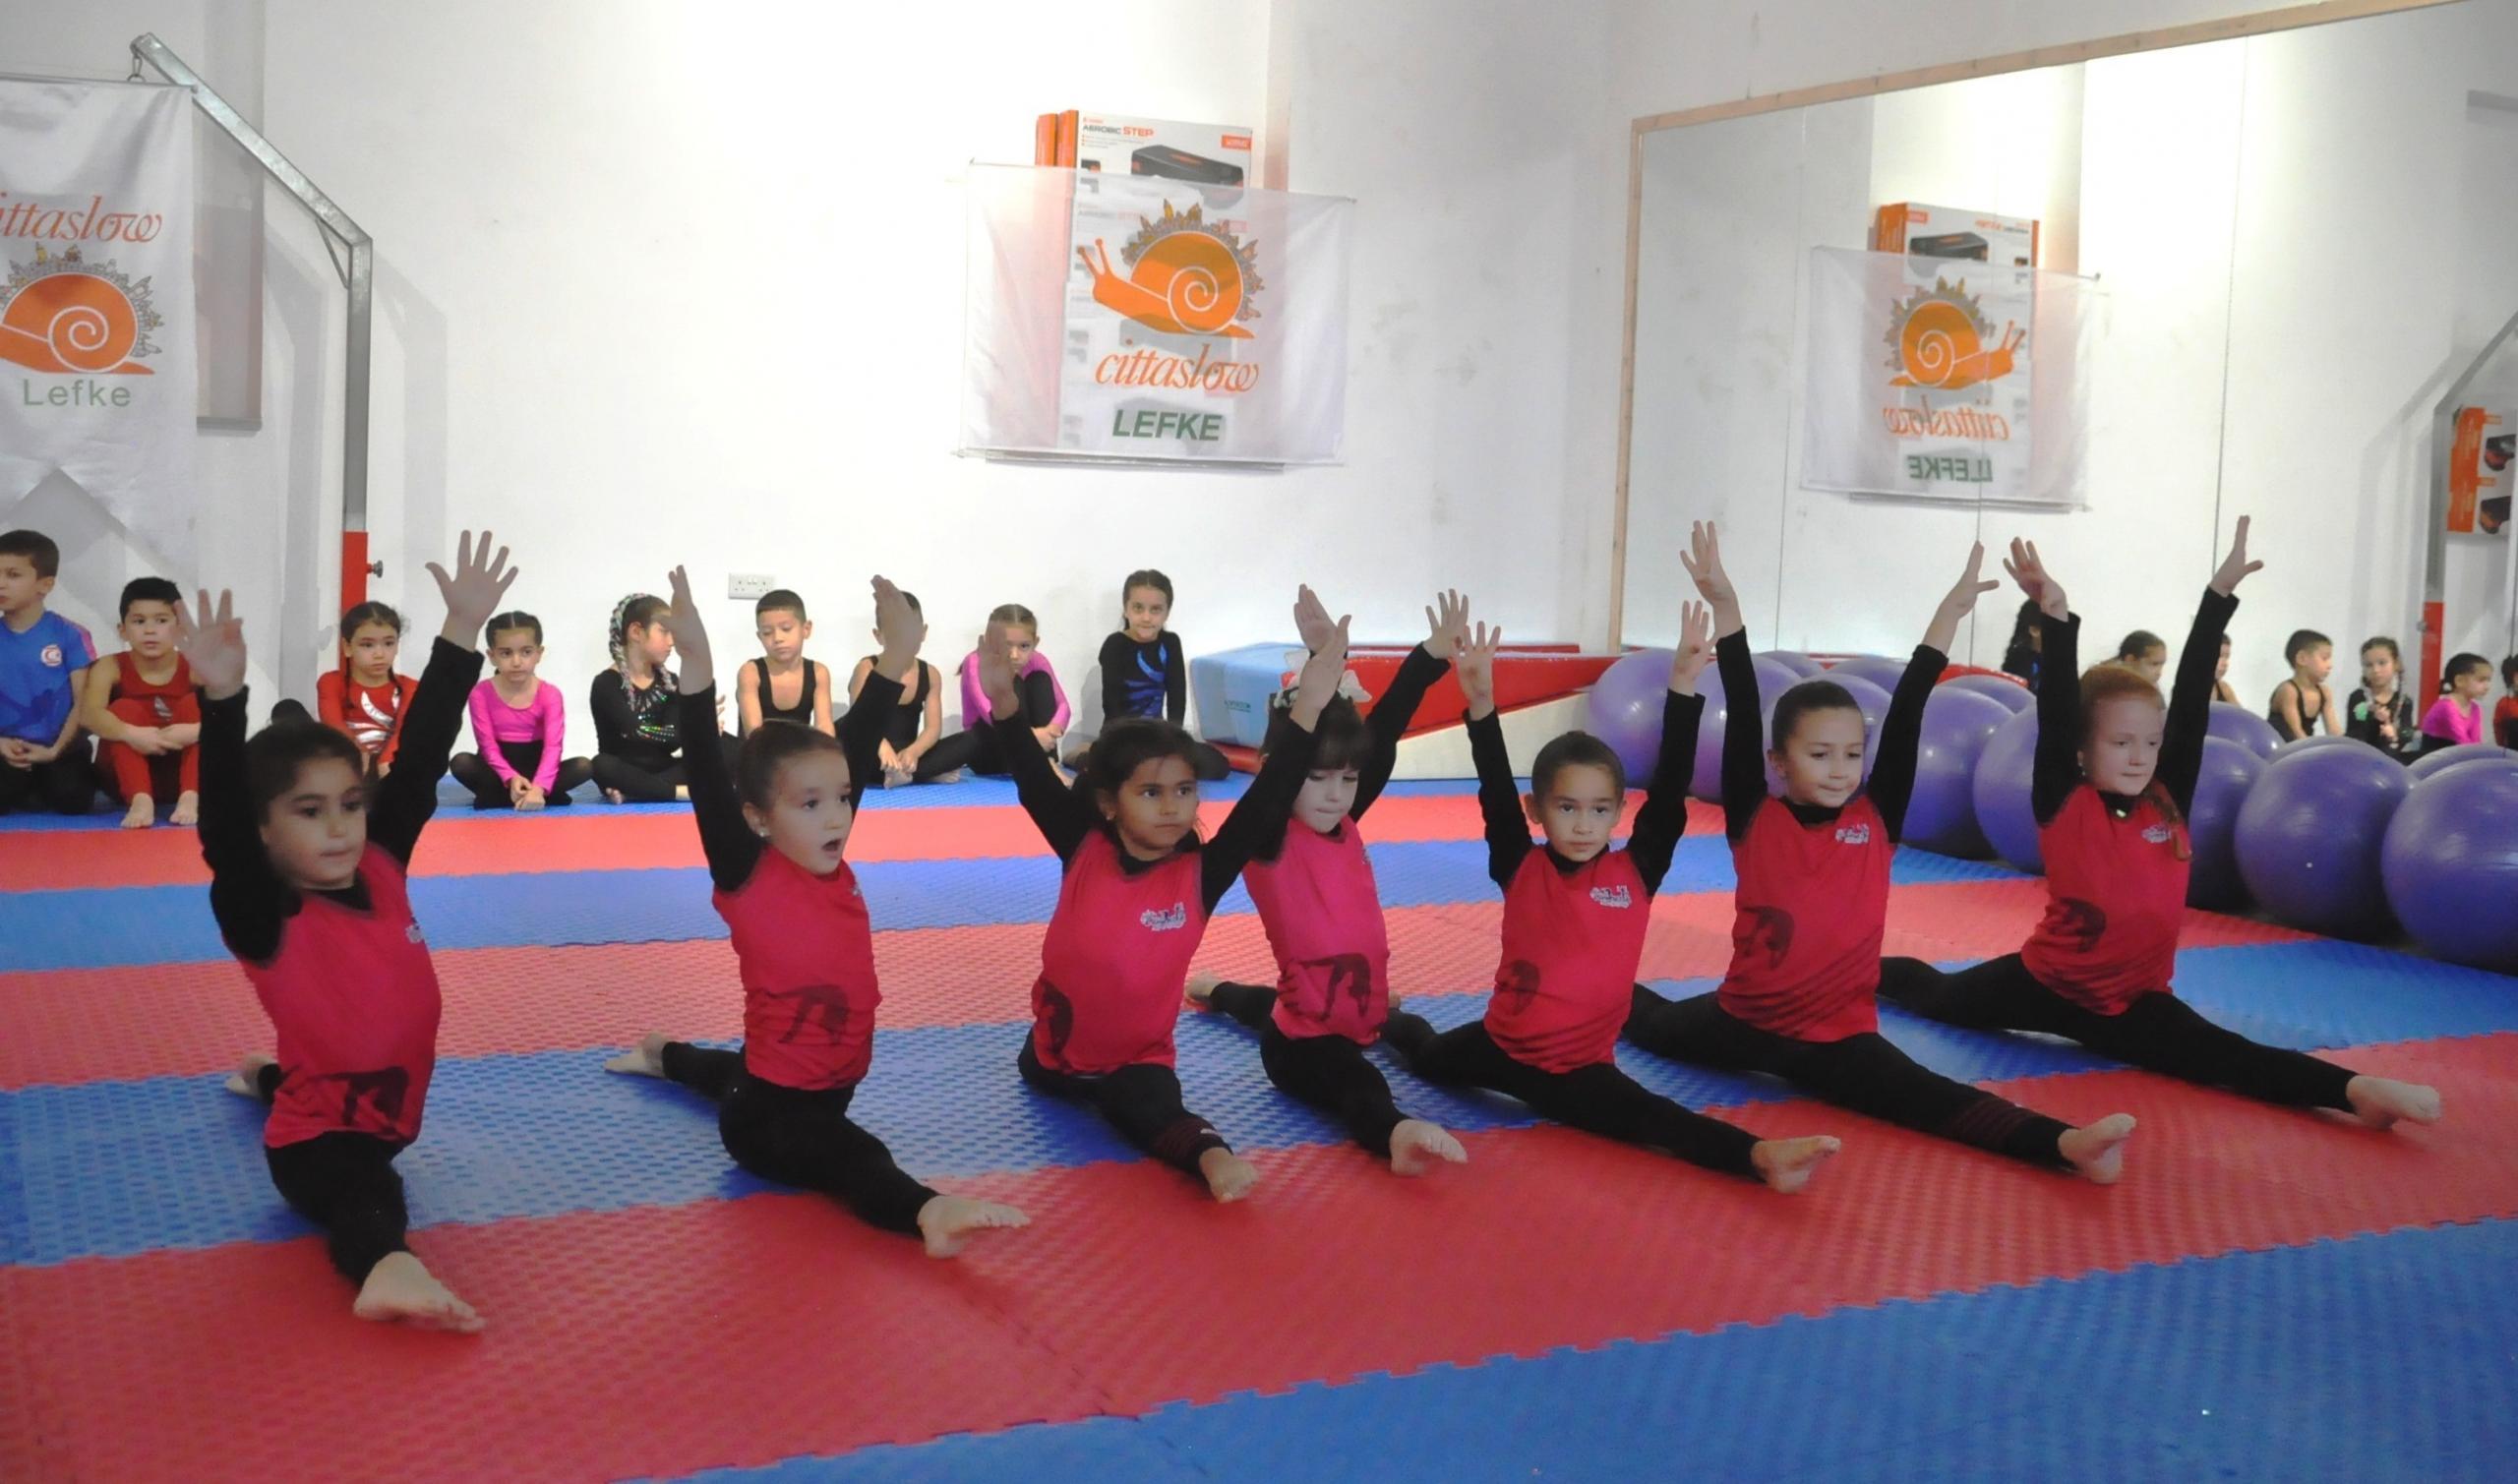 Cimnastikçiler, Şehitler anısına yarışacak